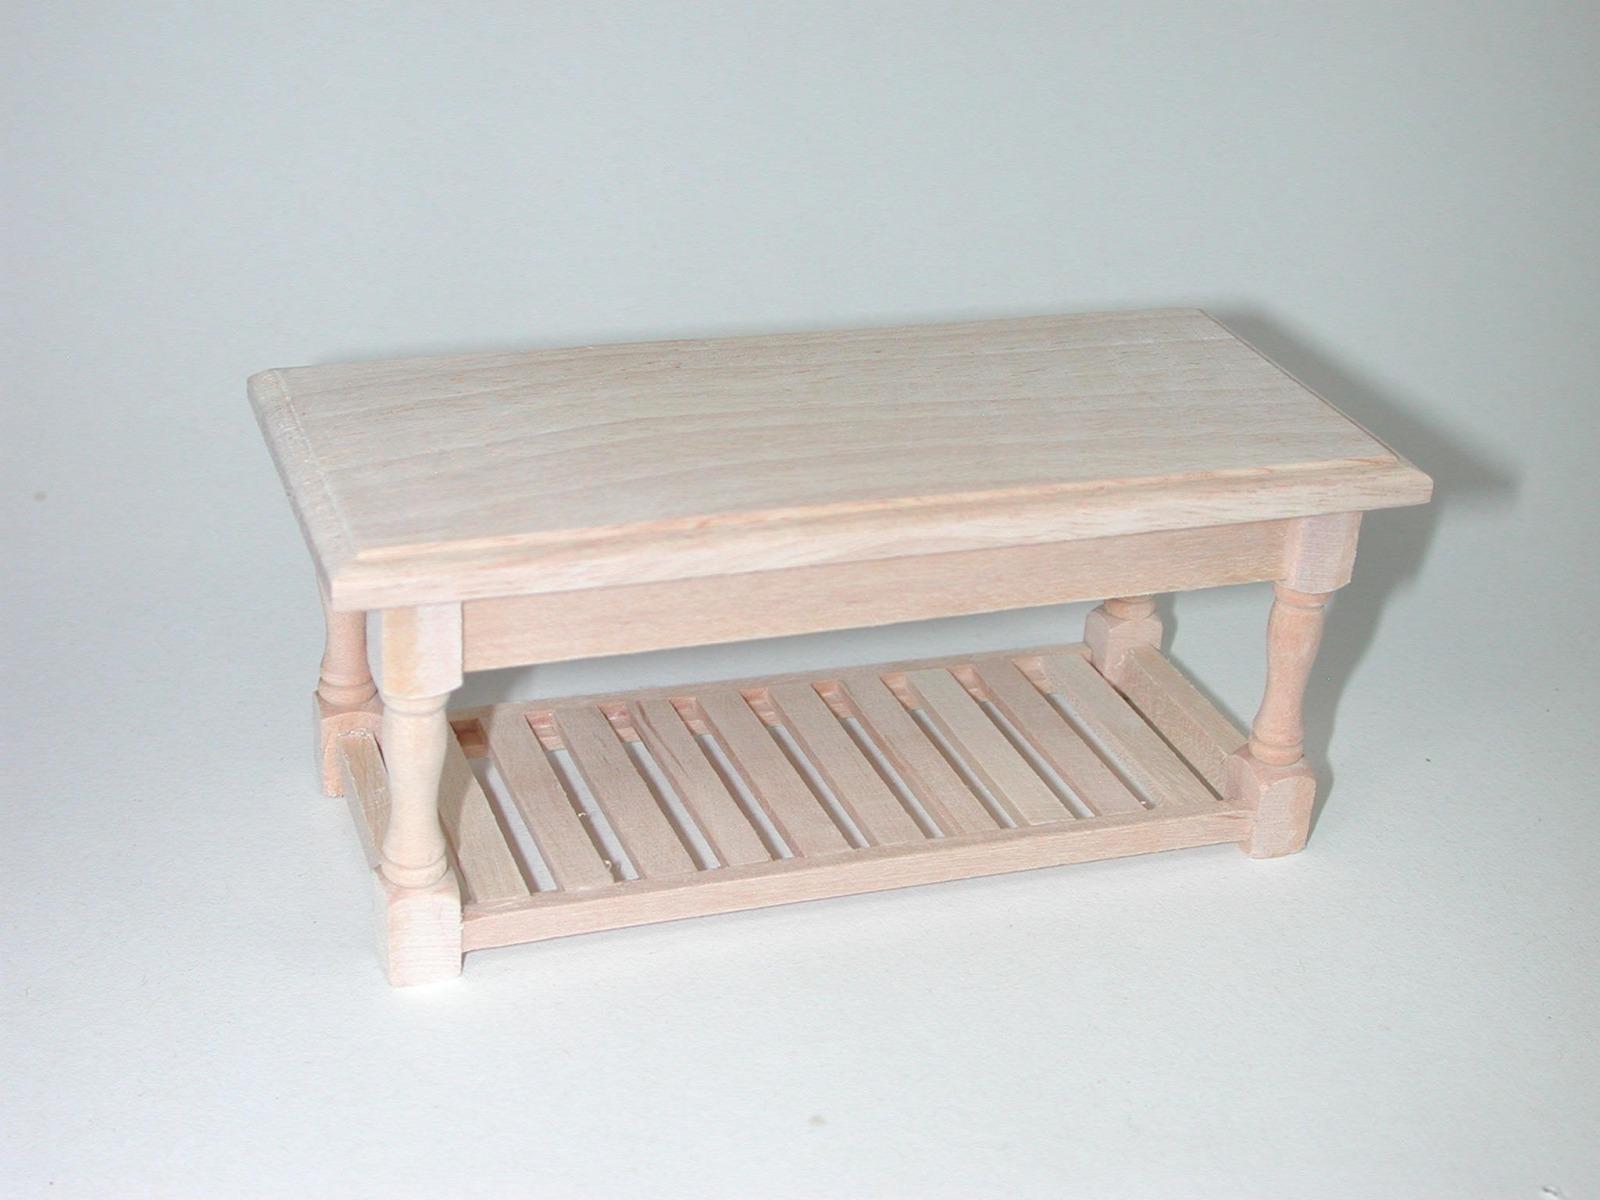 Tisch rustikal mit Brett für die